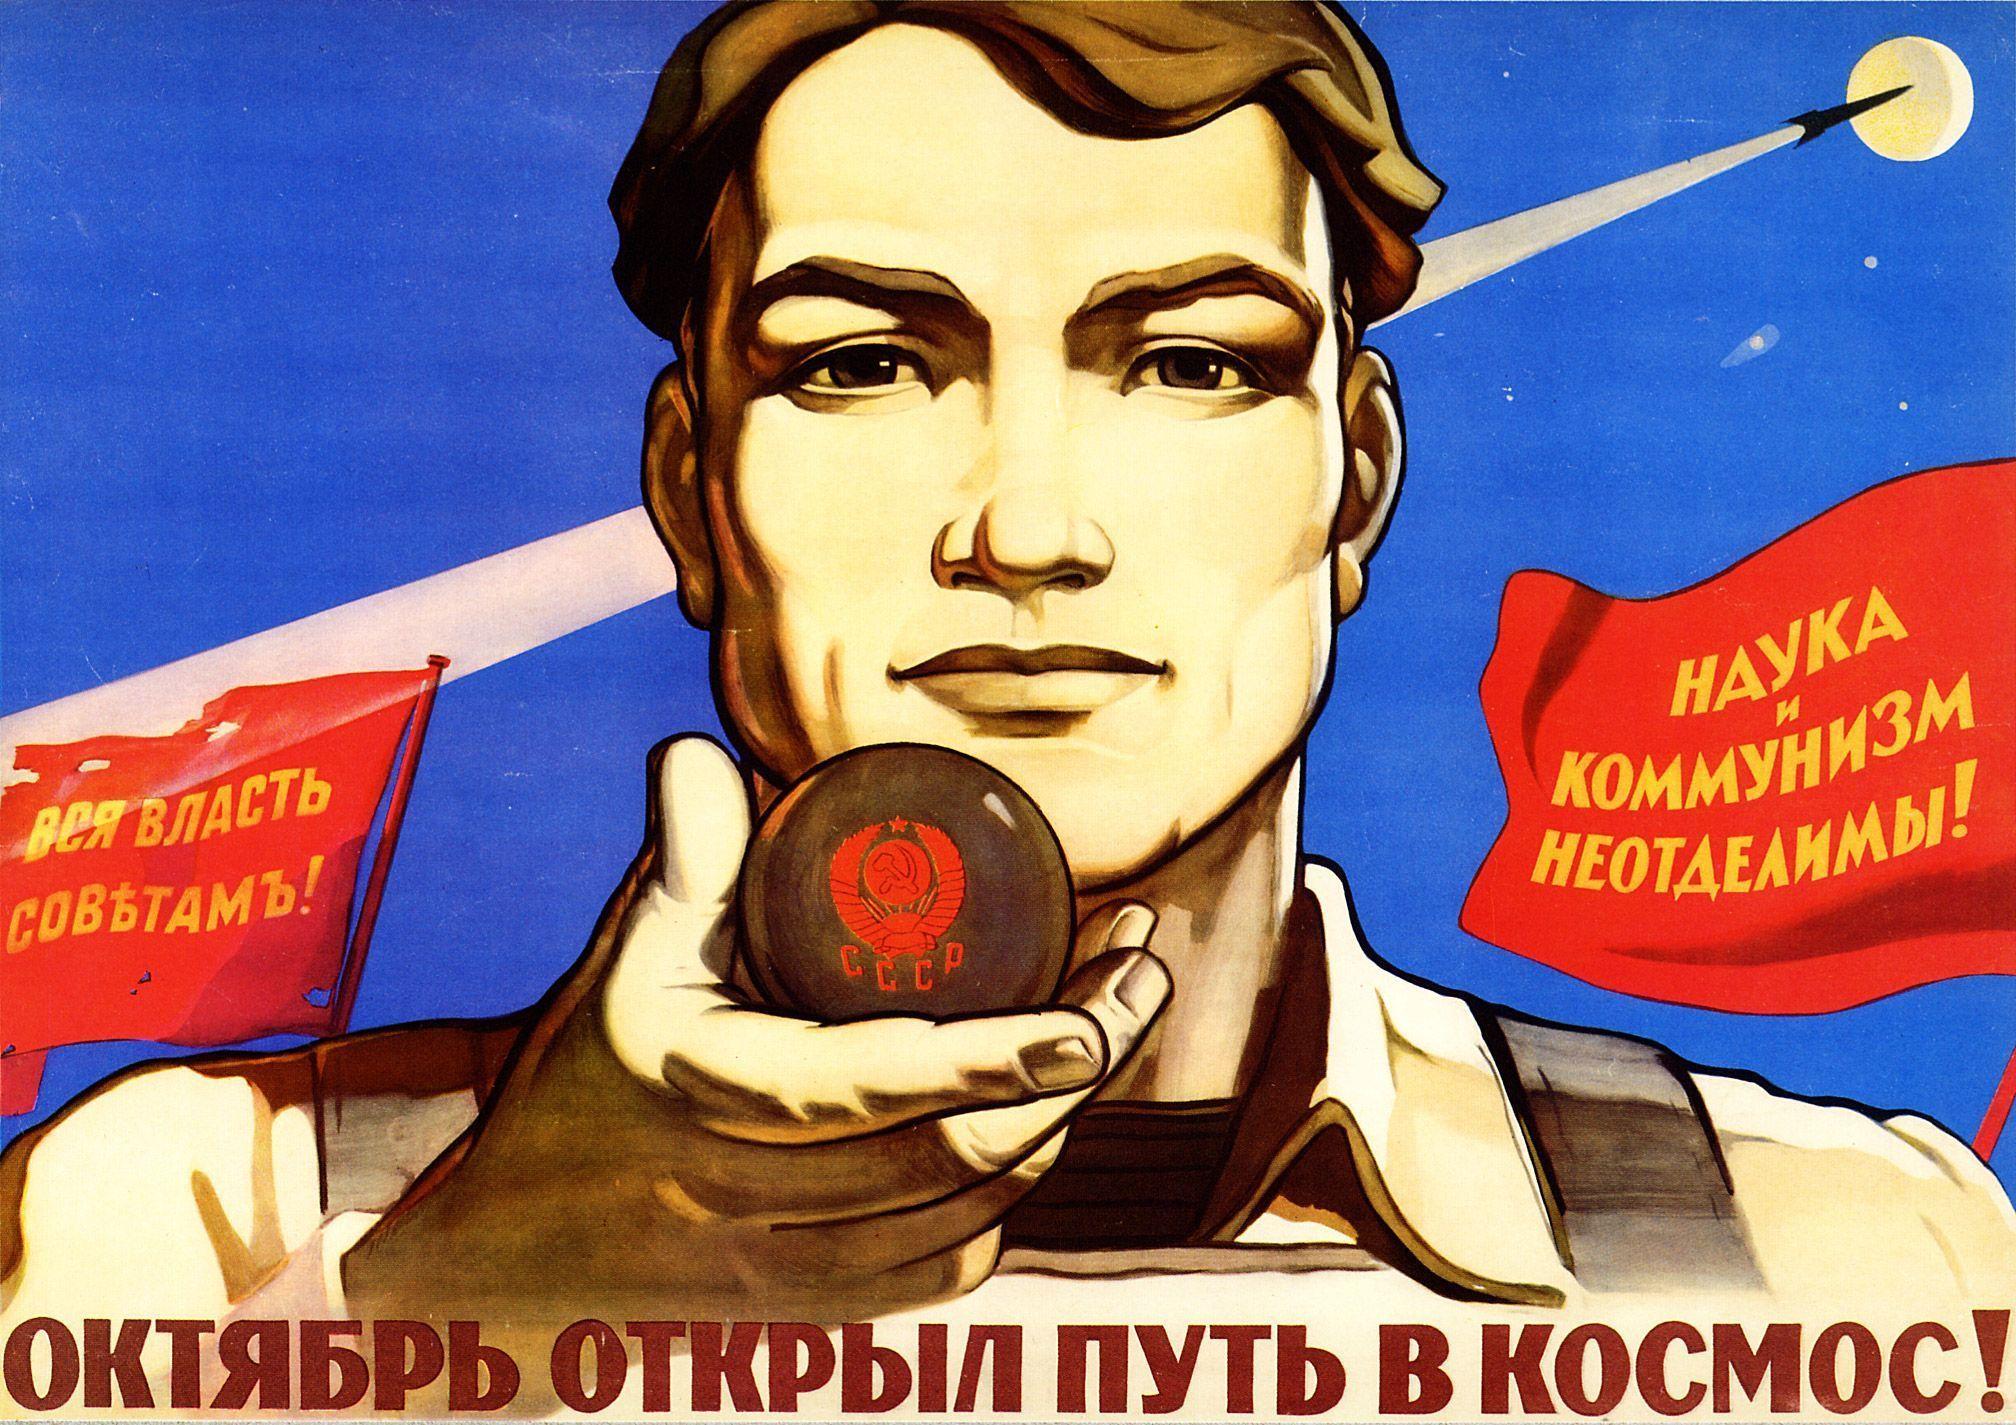 Znalezione obrazy dla zapytania propaganda